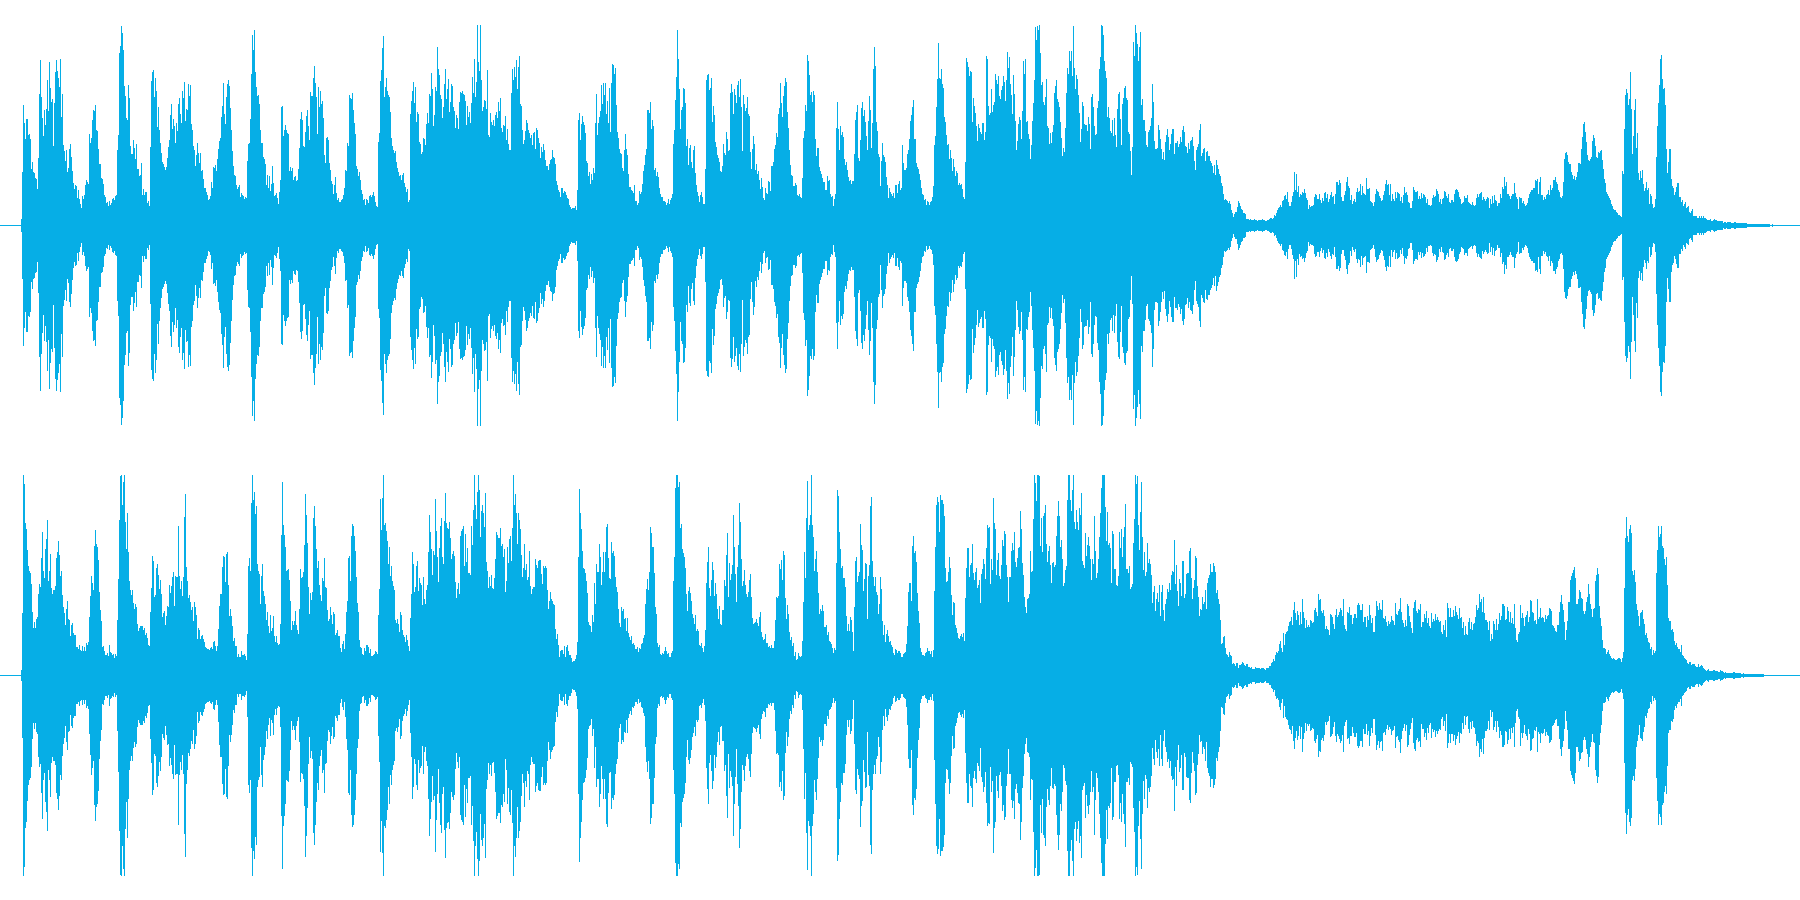 【オーケストラ】コミカル、わくわく、軽快の再生済みの波形